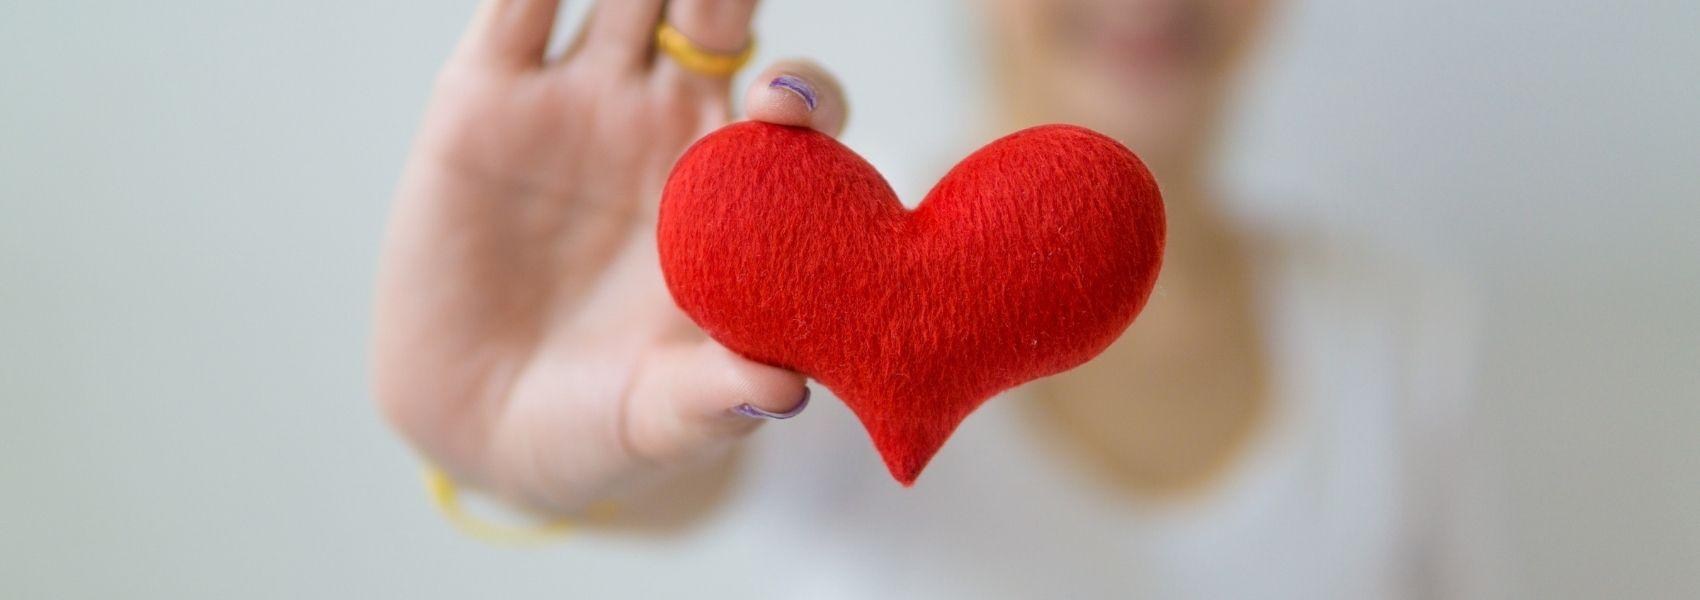 Risco de ansiedade e depressão após implante de um dispositivo cardíaco